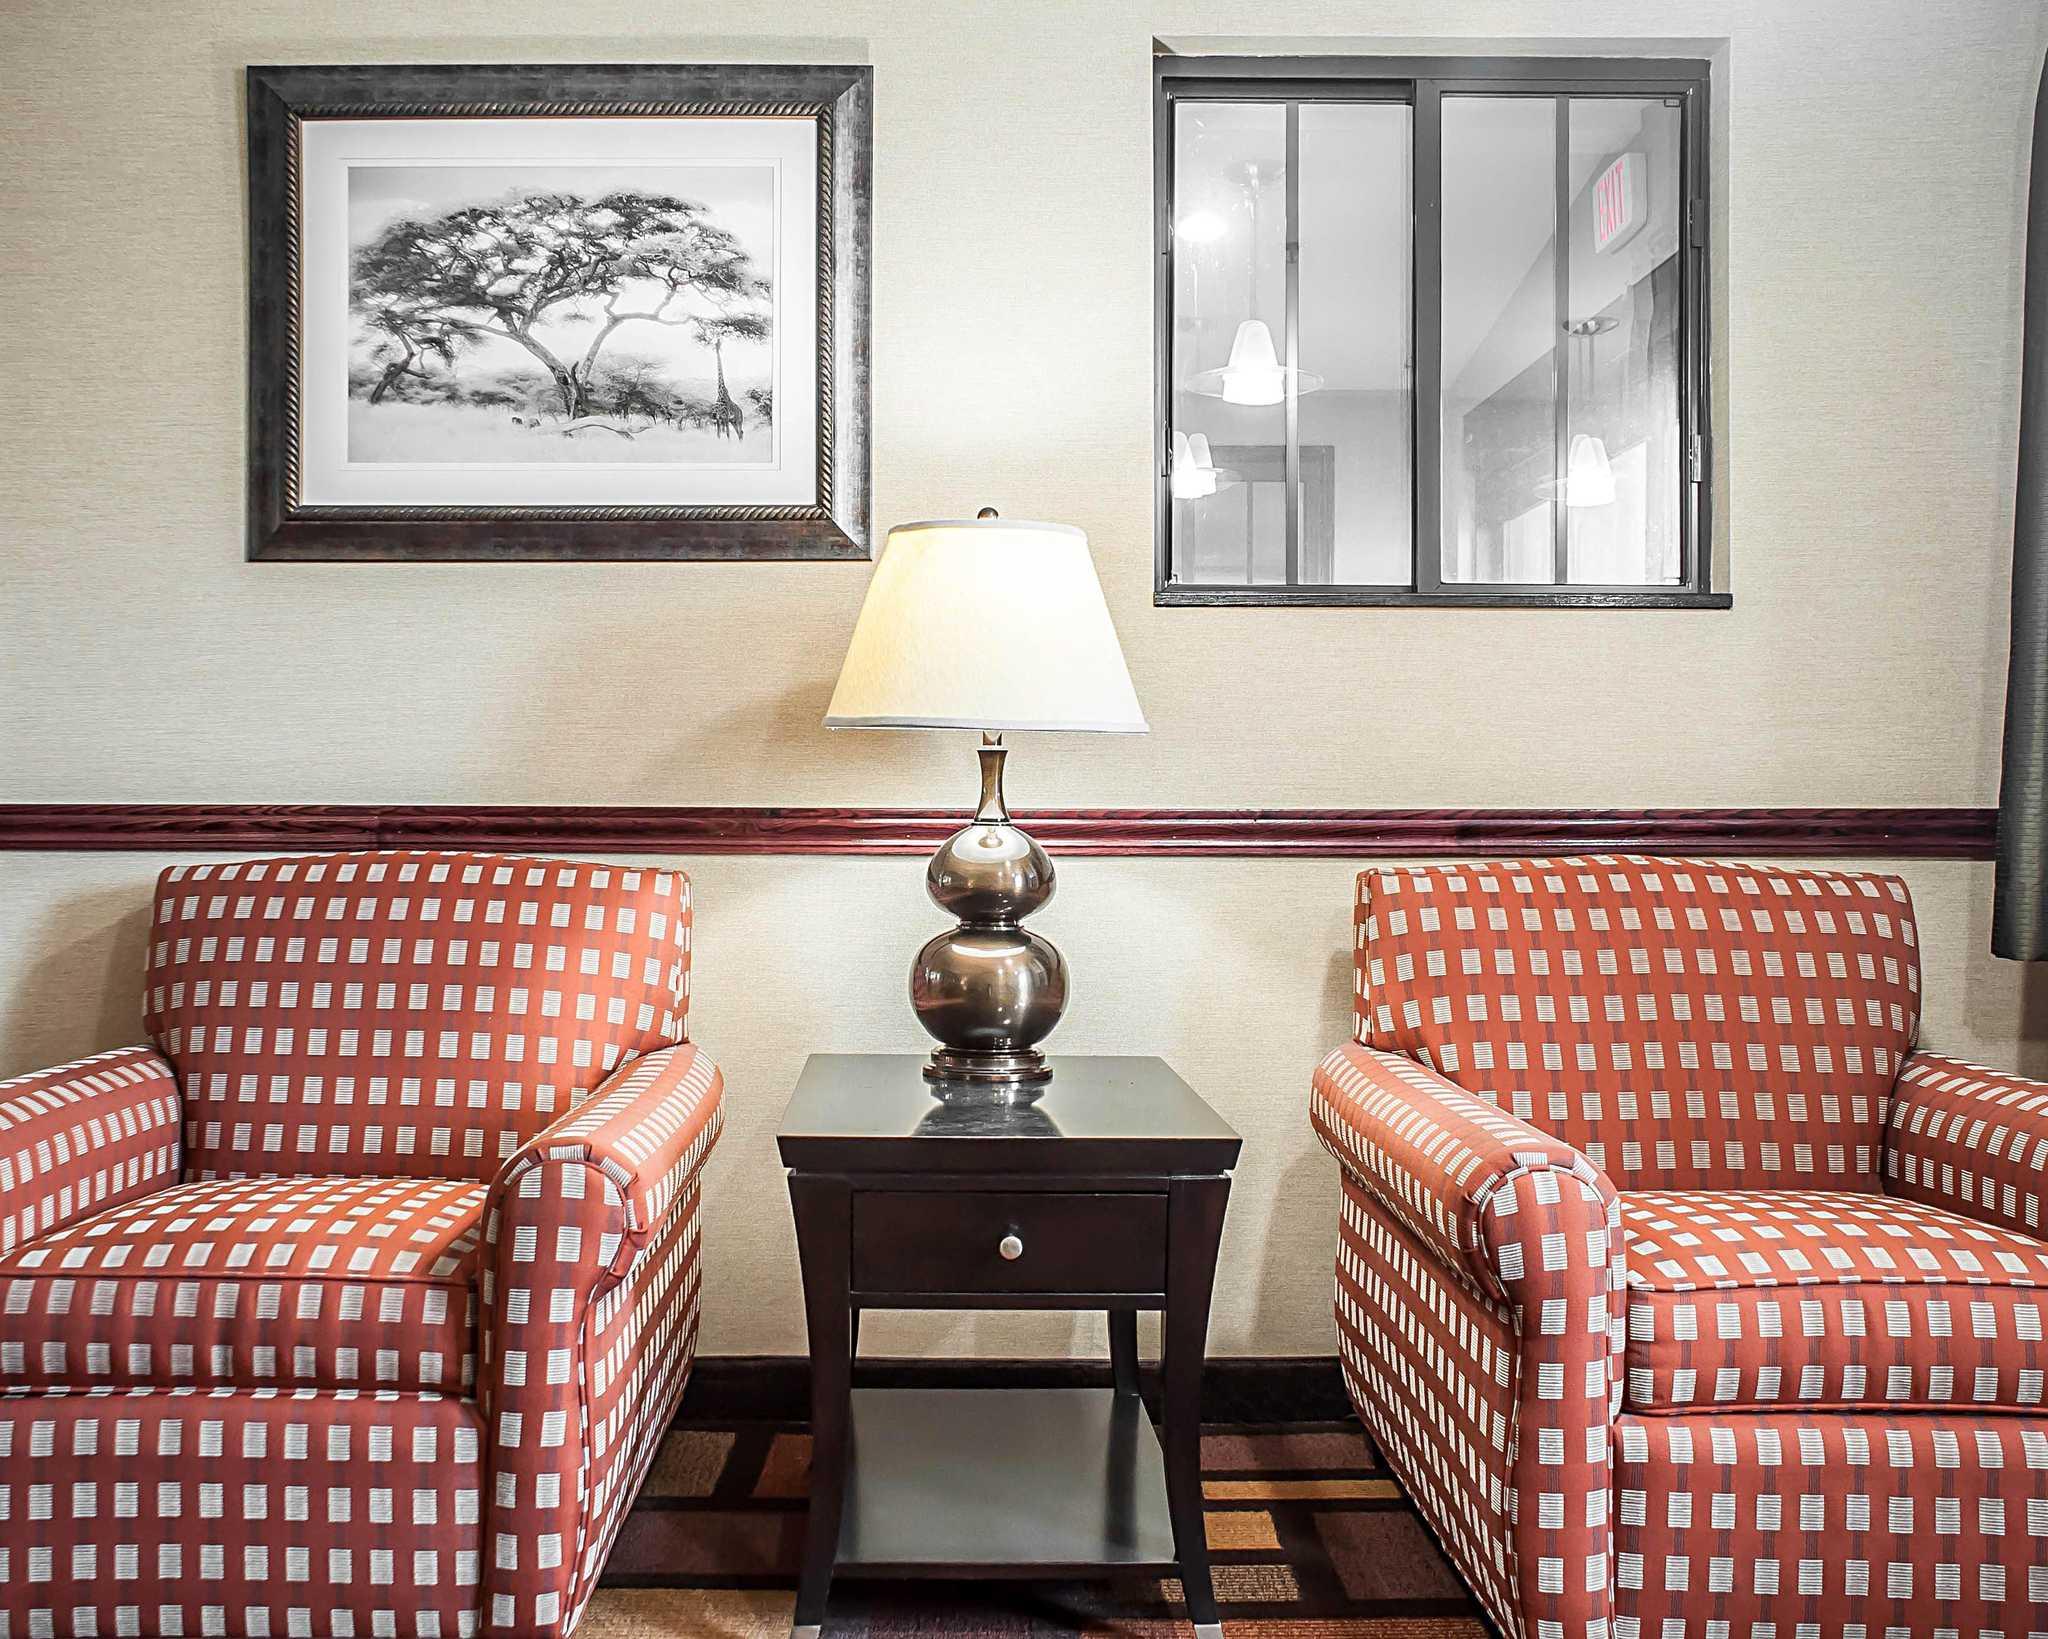 Comfort Inn image 24